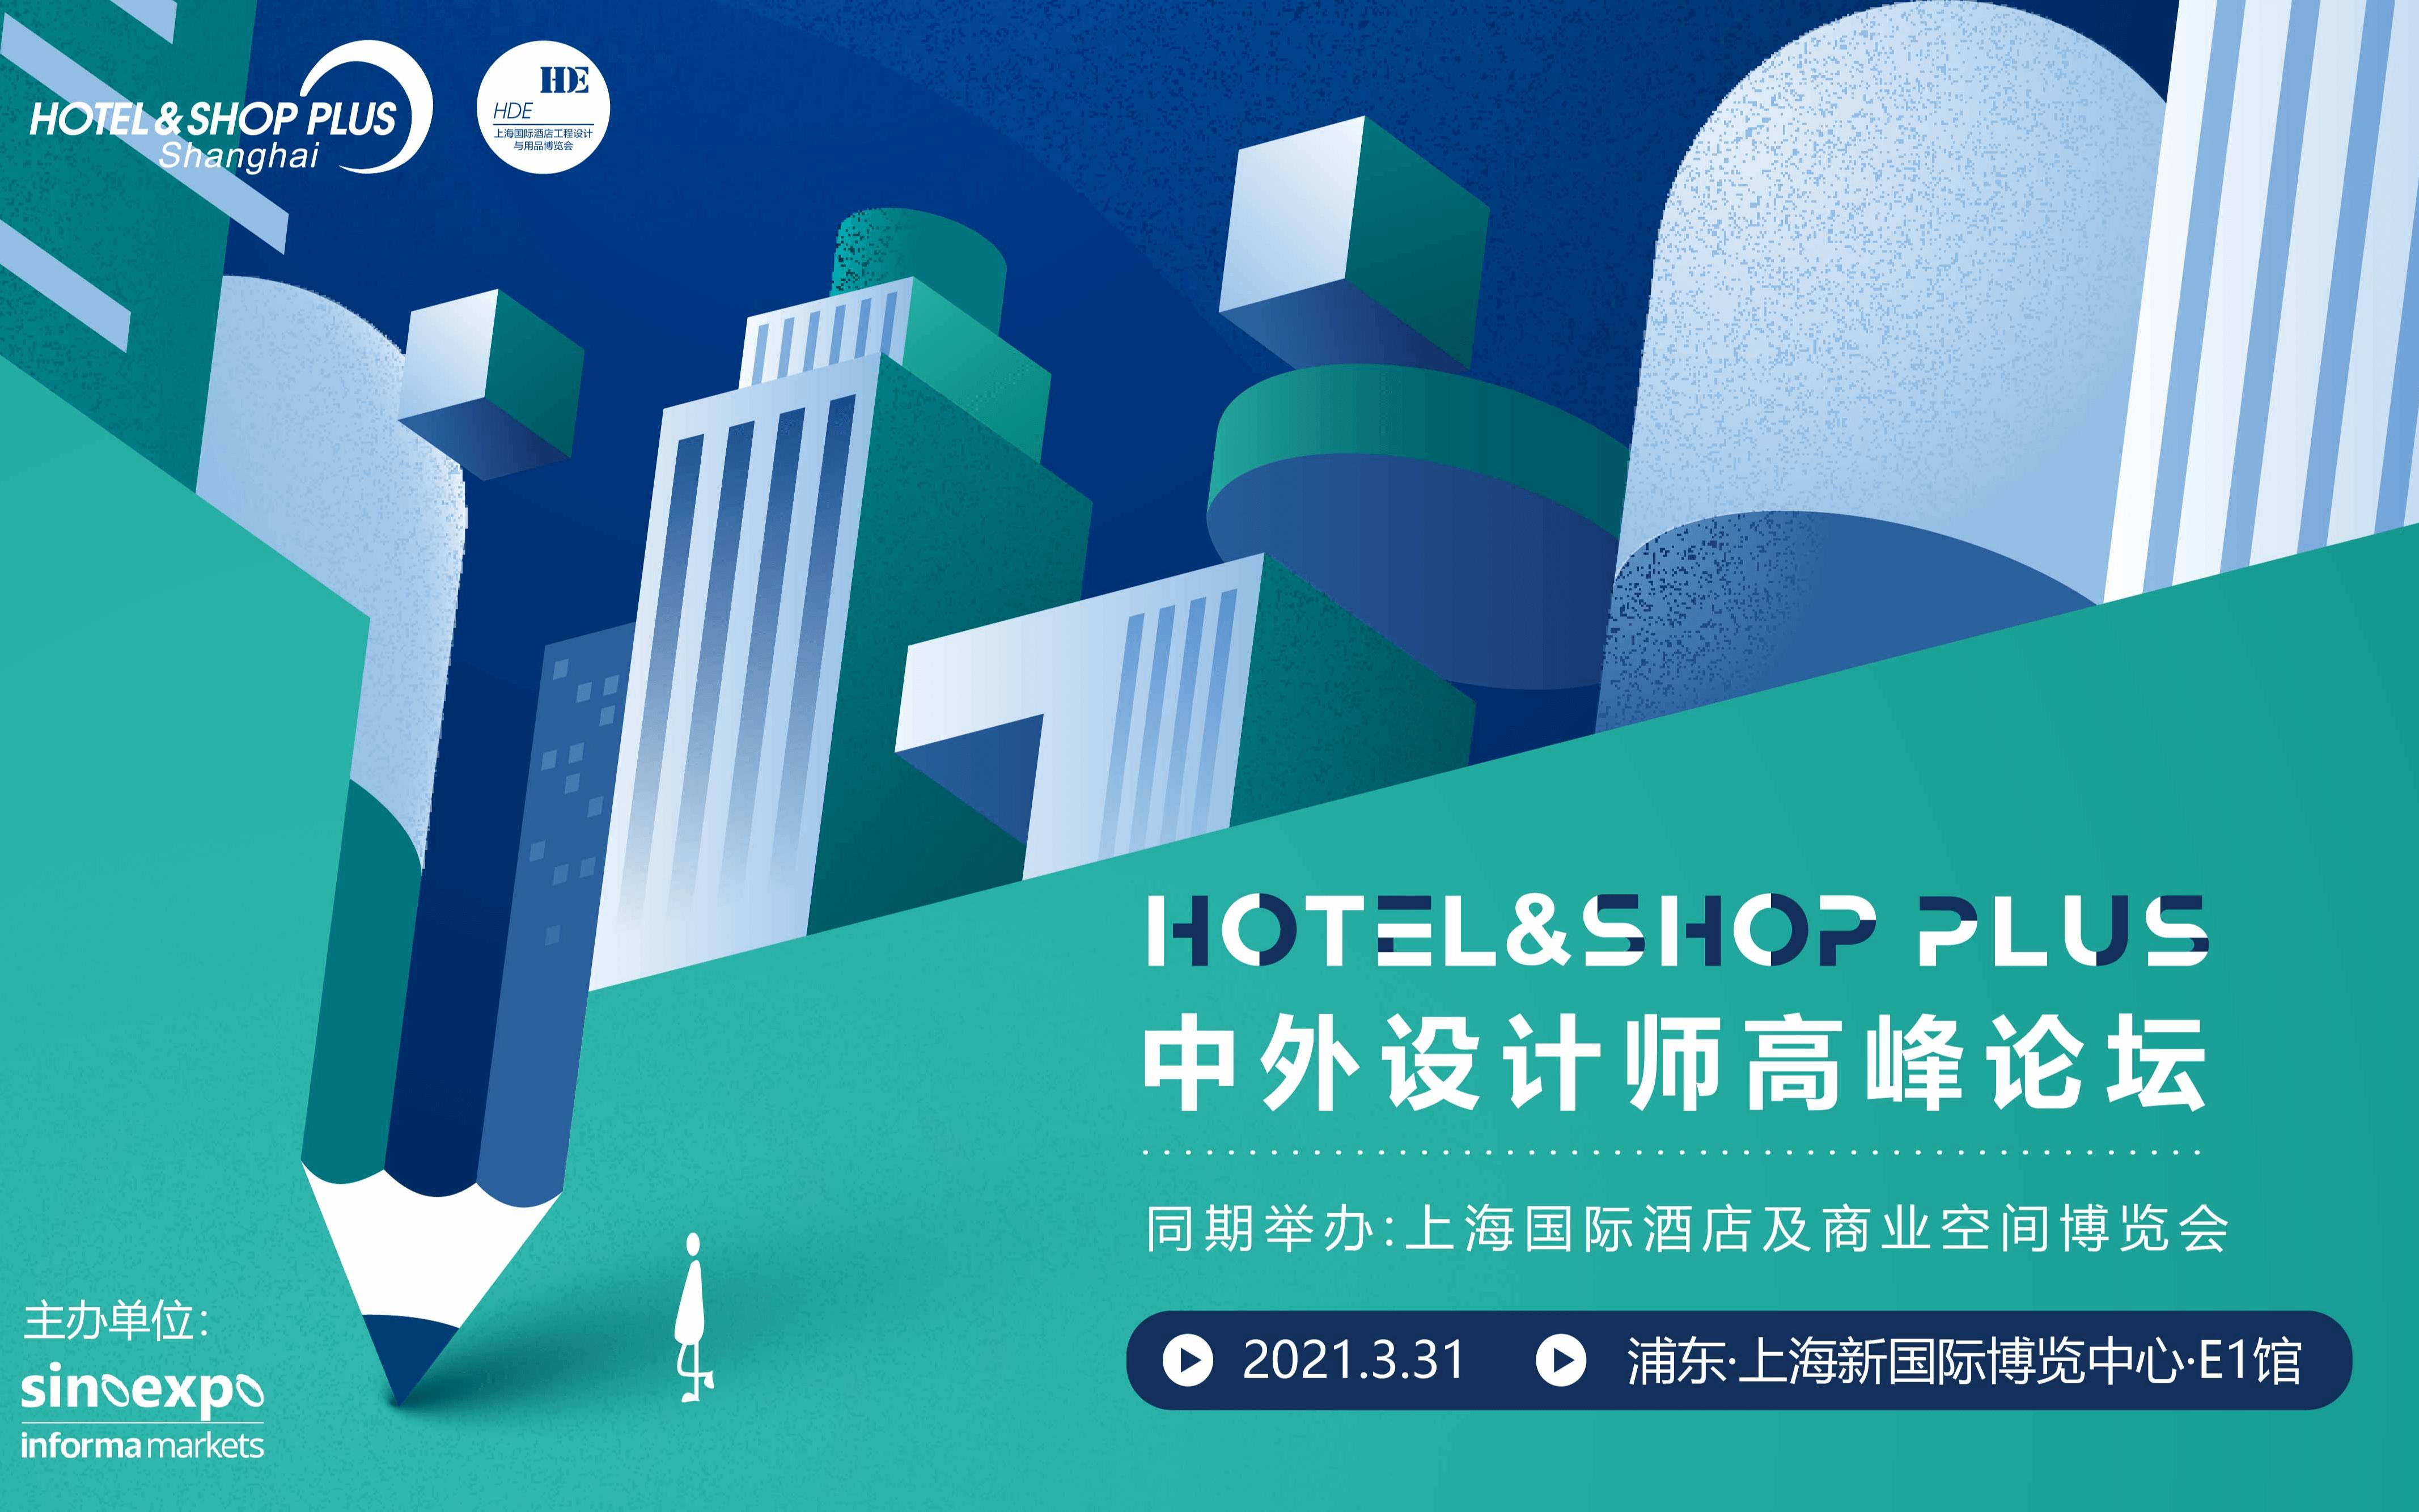 中外设计师高峰论坛